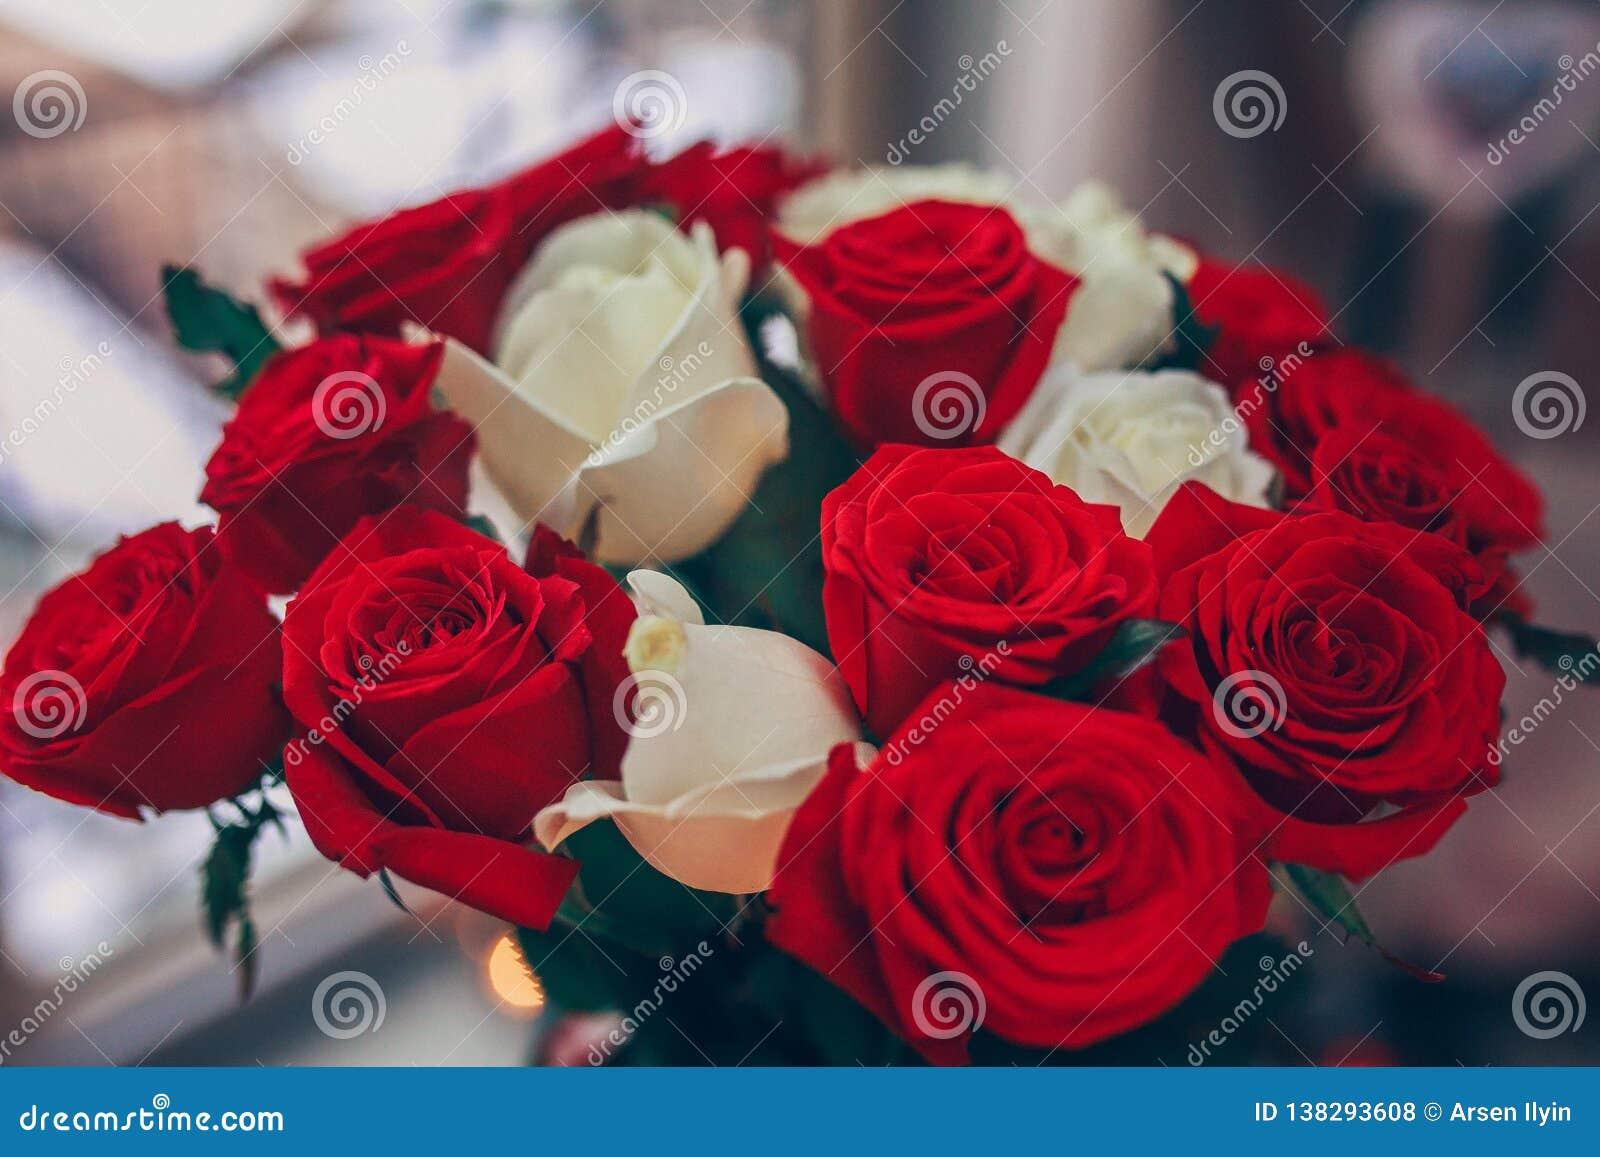 红色和白玫瑰花束